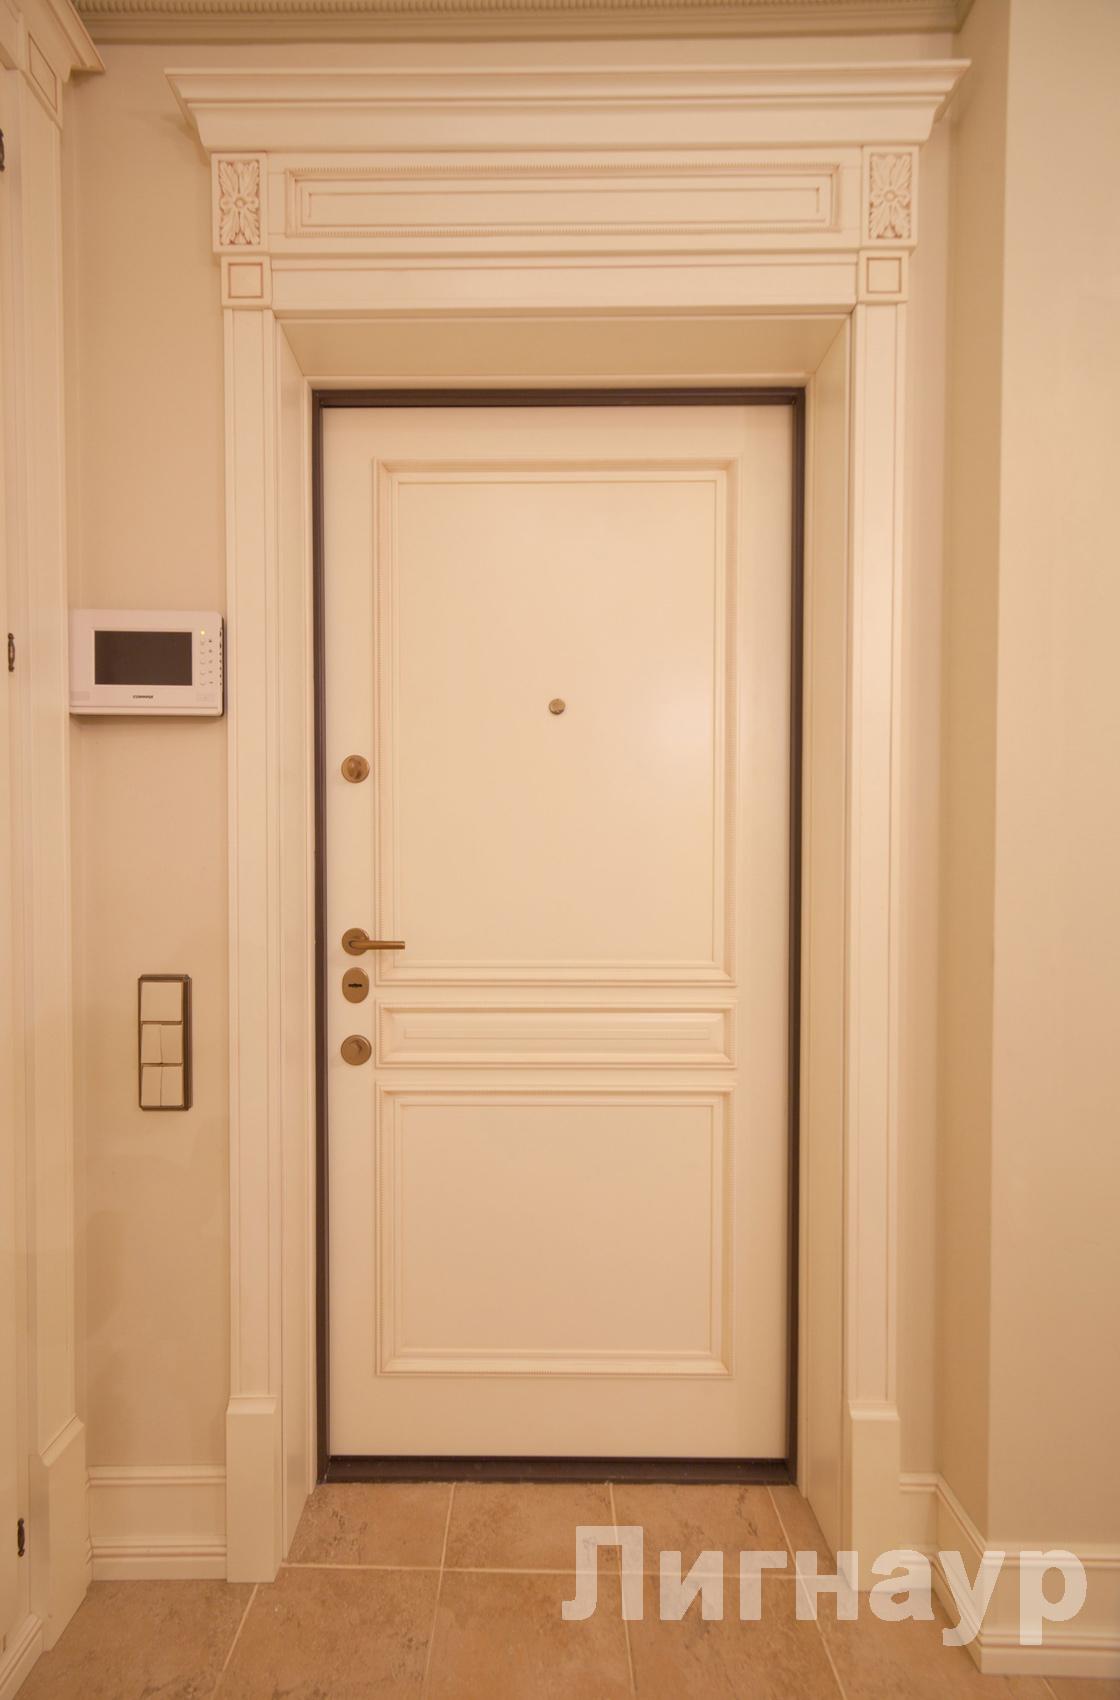 Варианты оформления дверного проема 12